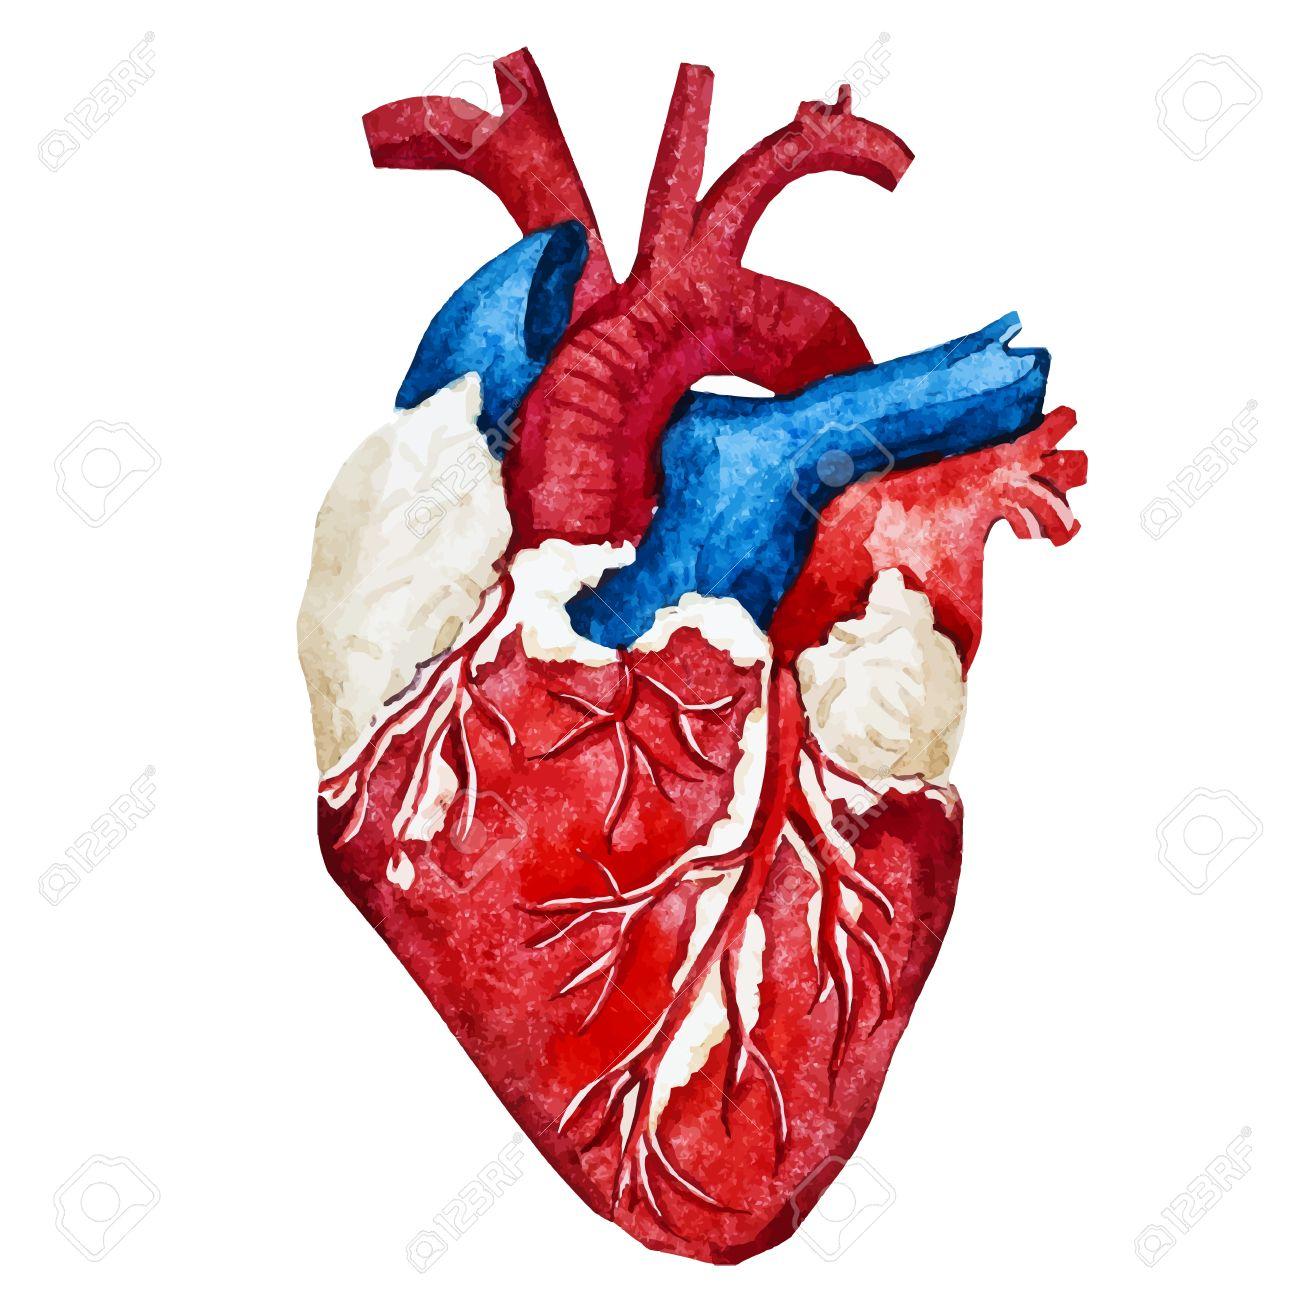 Großzügig Bild Des Menschlichen Herzens Im Körper Zeitgenössisch ...